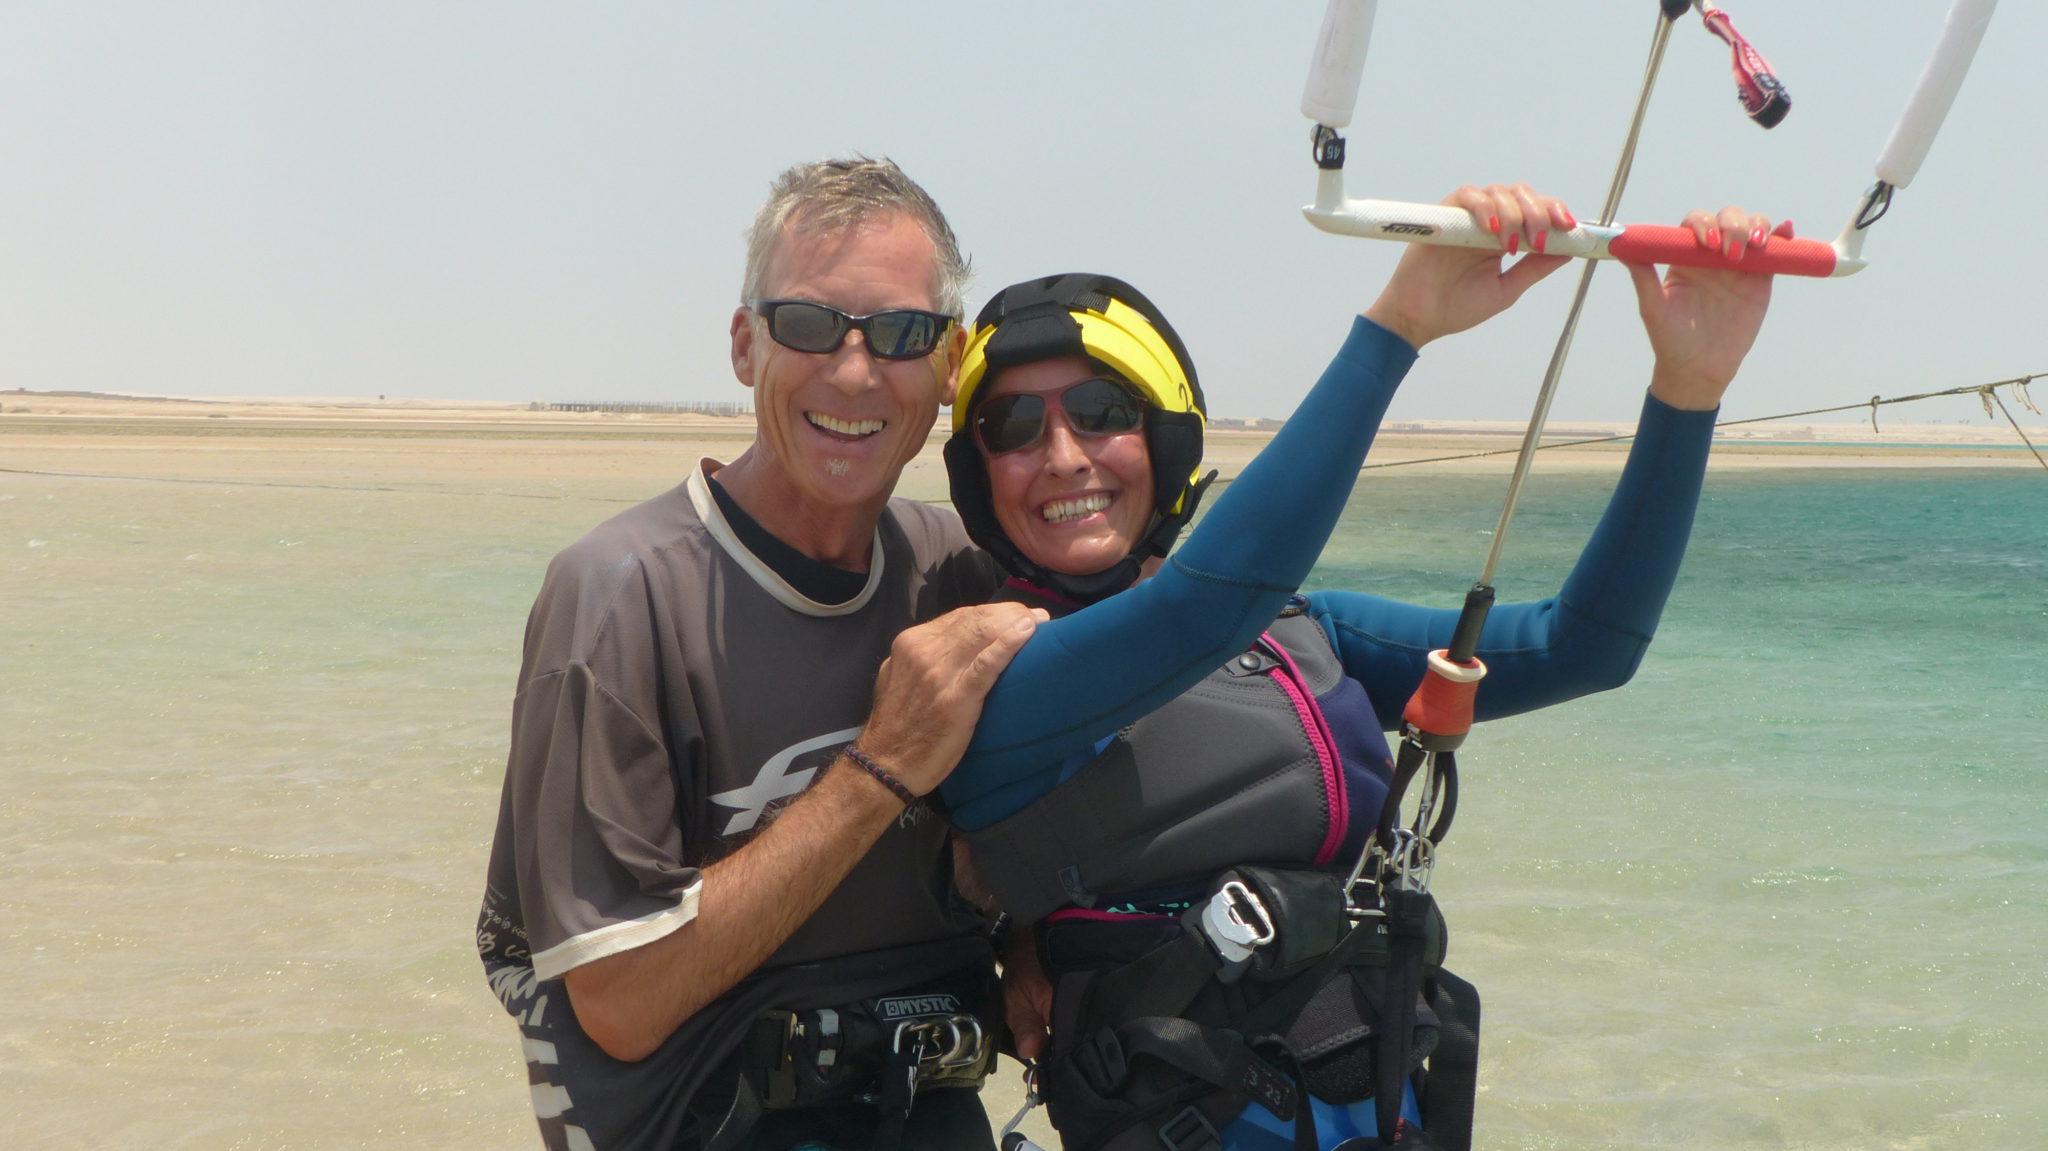 3 day beginner kite lessons in Soma Bay: Egypt kitesurfing course